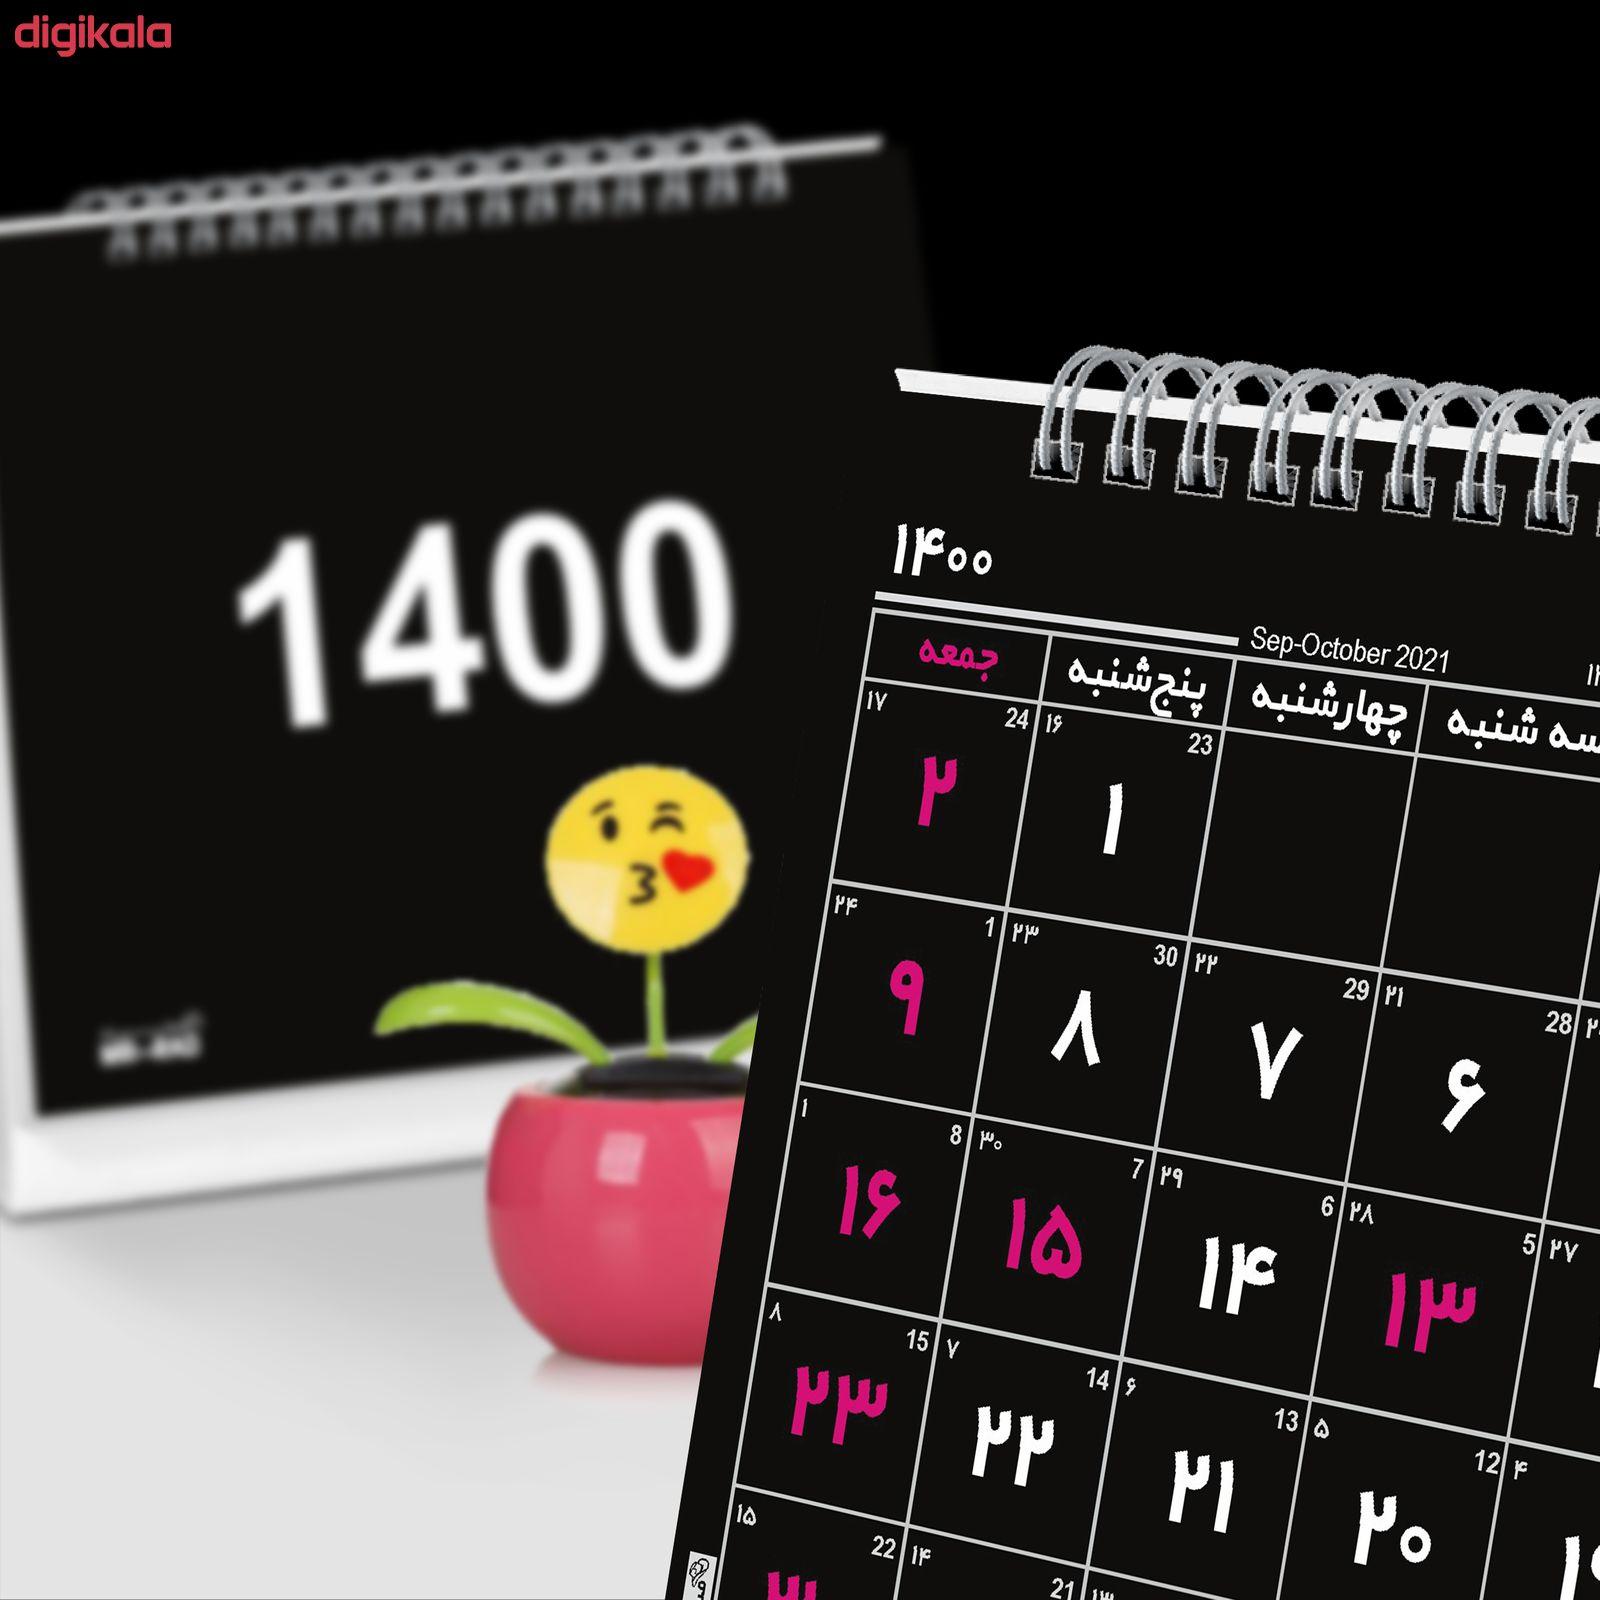 تقویم رومیزیسال 1400  مستر راد مدل endar 2021 کد s20 main 1 7